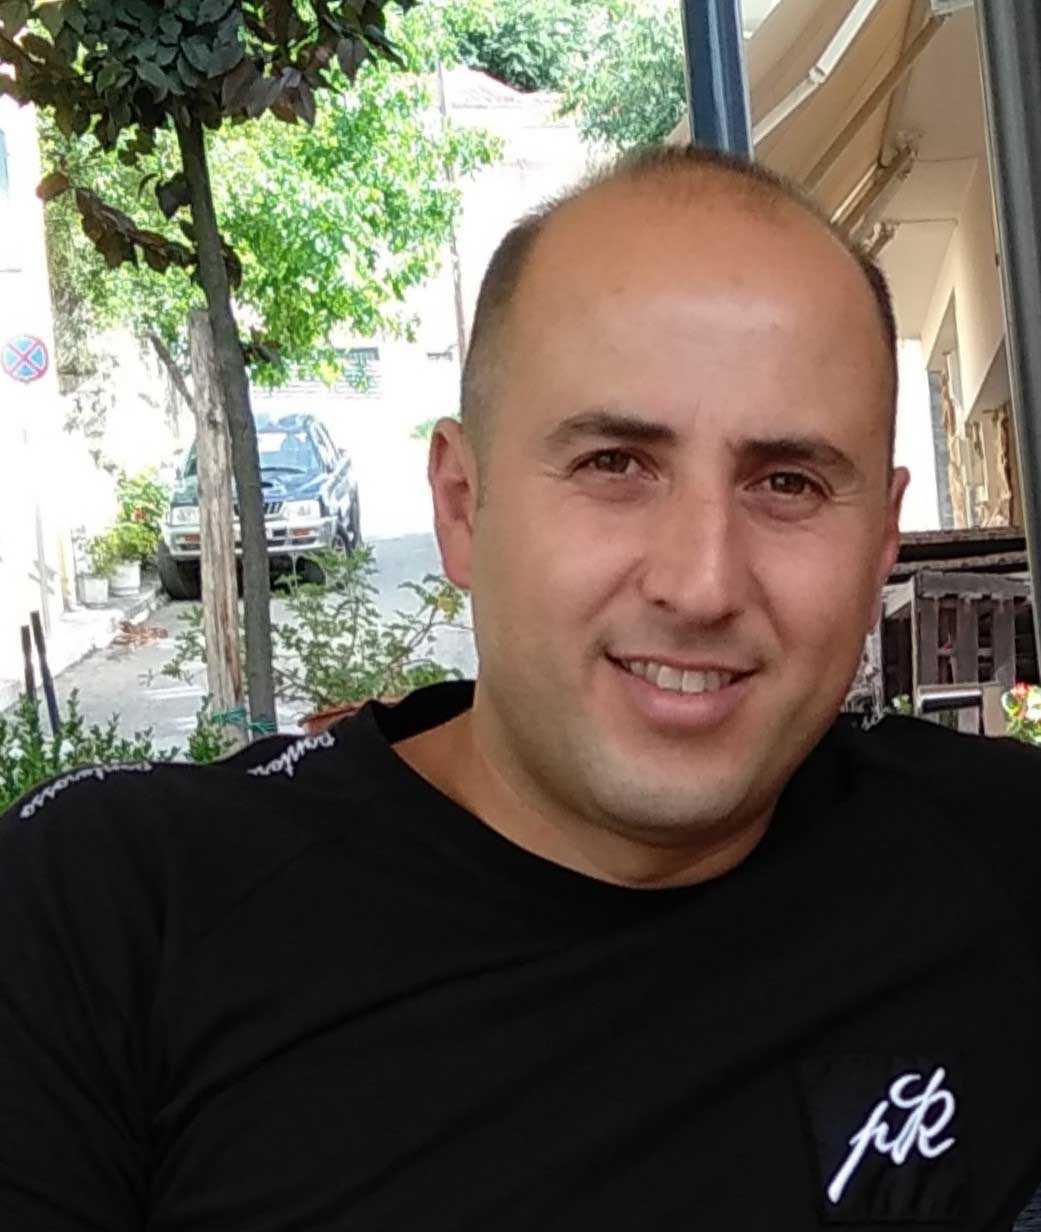 Η αλήθεια δεν έχει κόπο ούτε κομπασμούς Κύριε Δήμαρχε. Απάντηση προς κ.Χρήστο Ελευθερίου Δήμαρχο Δήμου Σερβίων